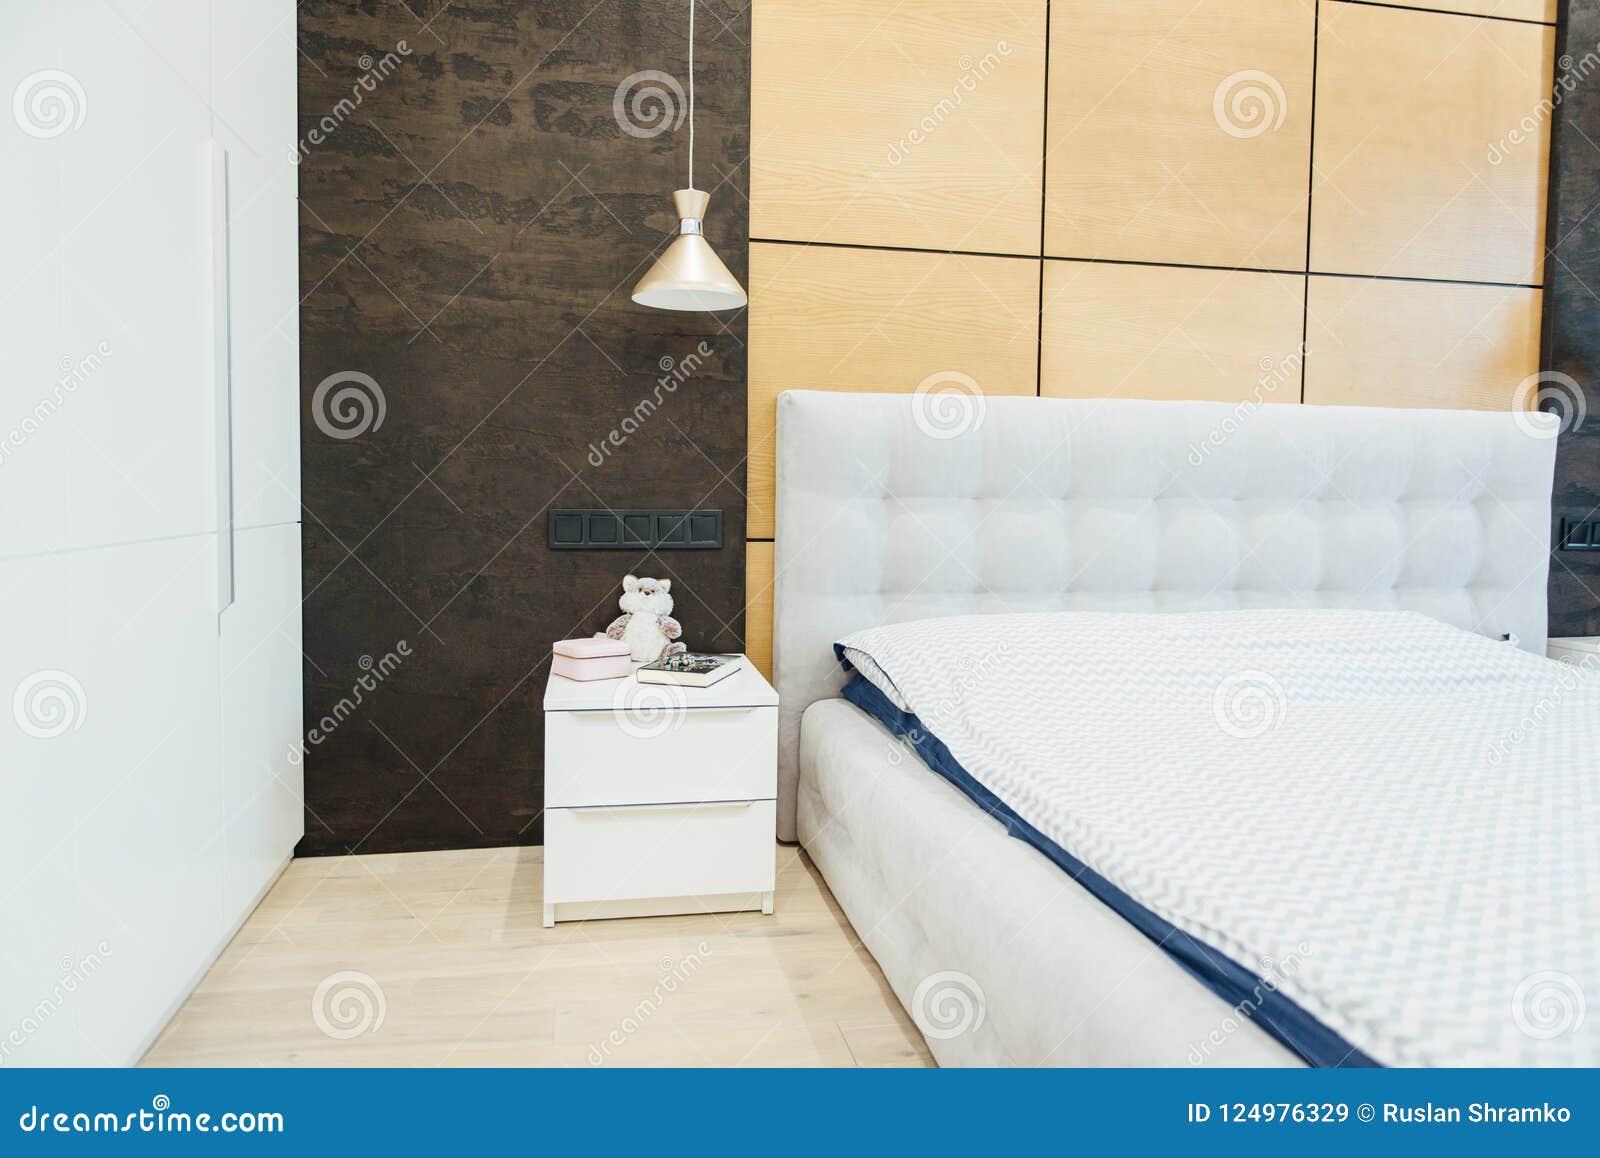 Σύγχρονο καθιστικό στο apartament με τα έπιπλα Κανένας μέσα